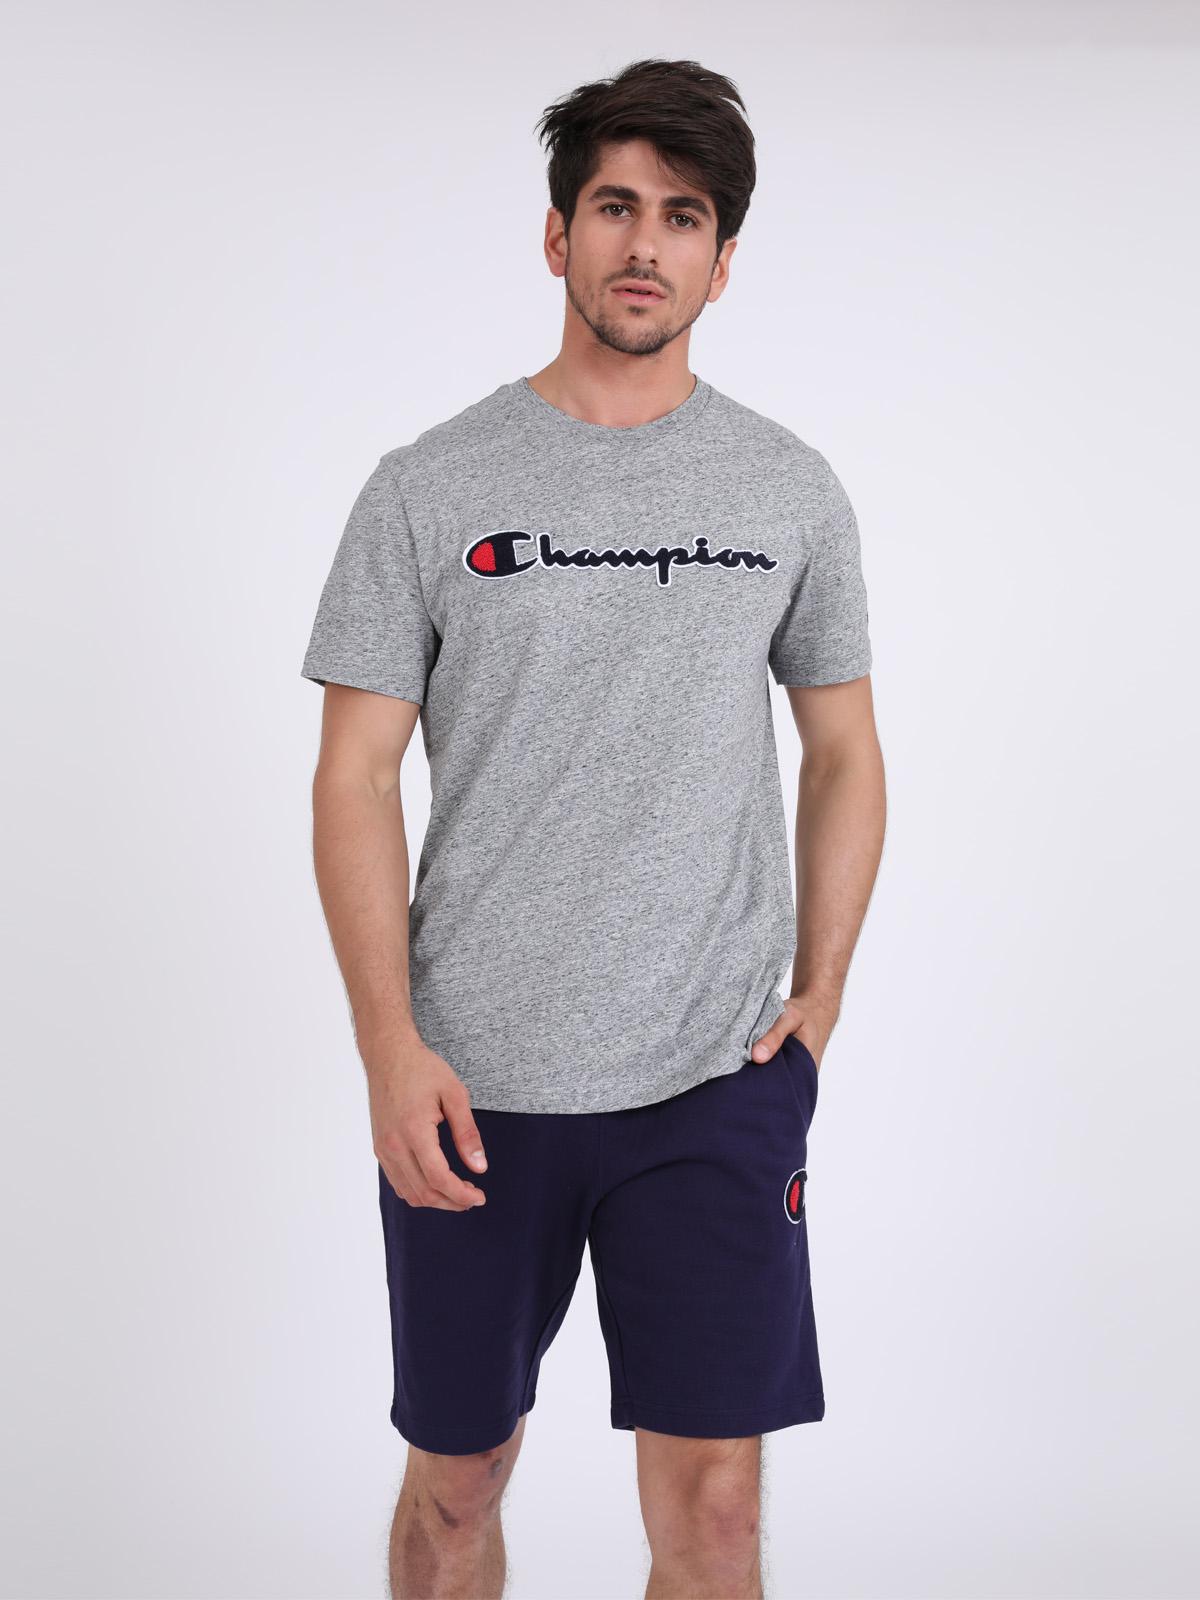 Champion גברים - חולצה בייסיק אפורה